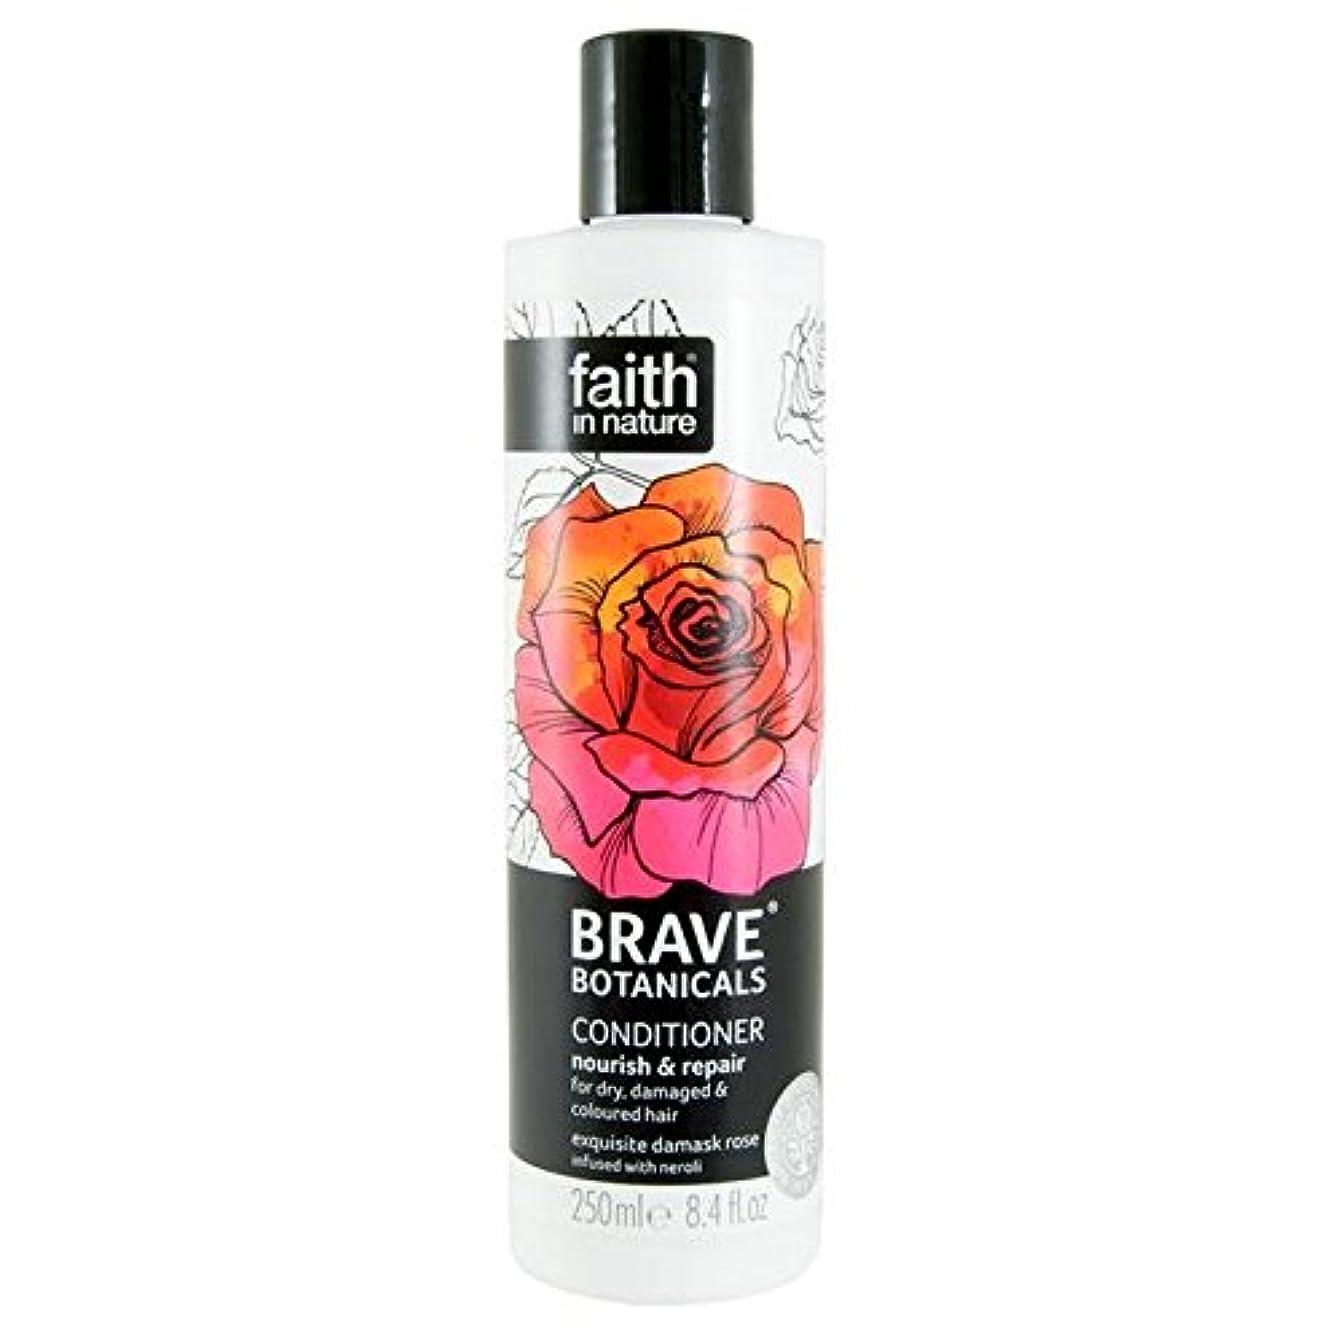 攻撃酸遊具Brave Botanicals Rose & Neroli Nourish & Repair Conditioner 250ml - (Faith In Nature) 勇敢な植物は、ローズ&ネロリは養う&リペアコンディショナー...